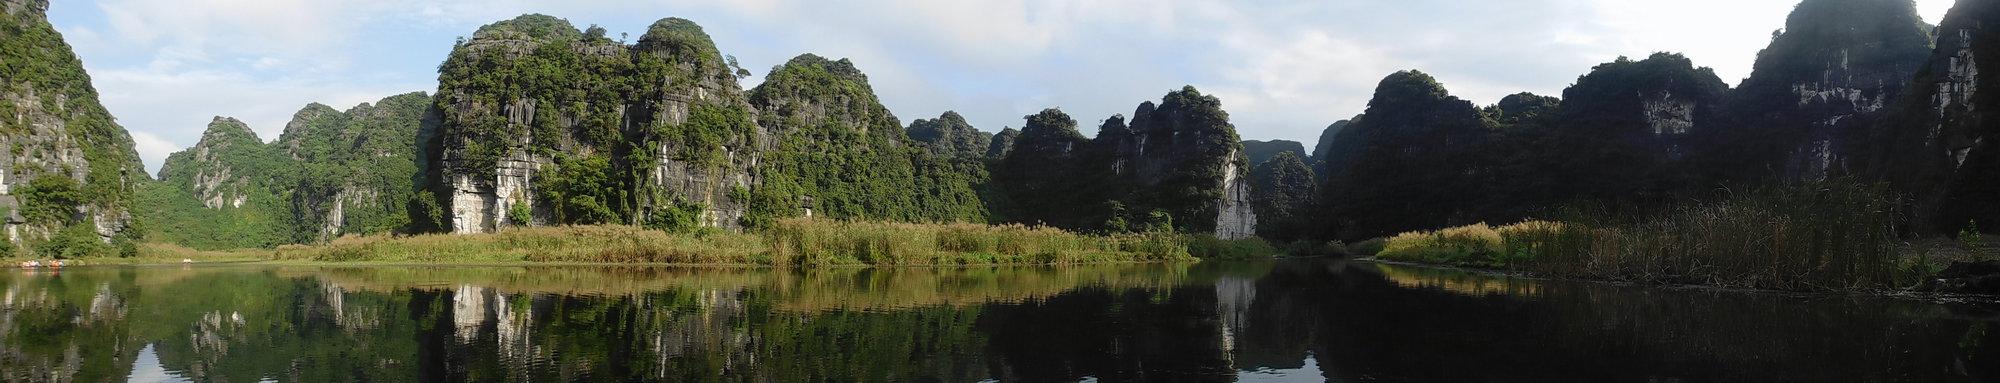 Komplex TrangAn